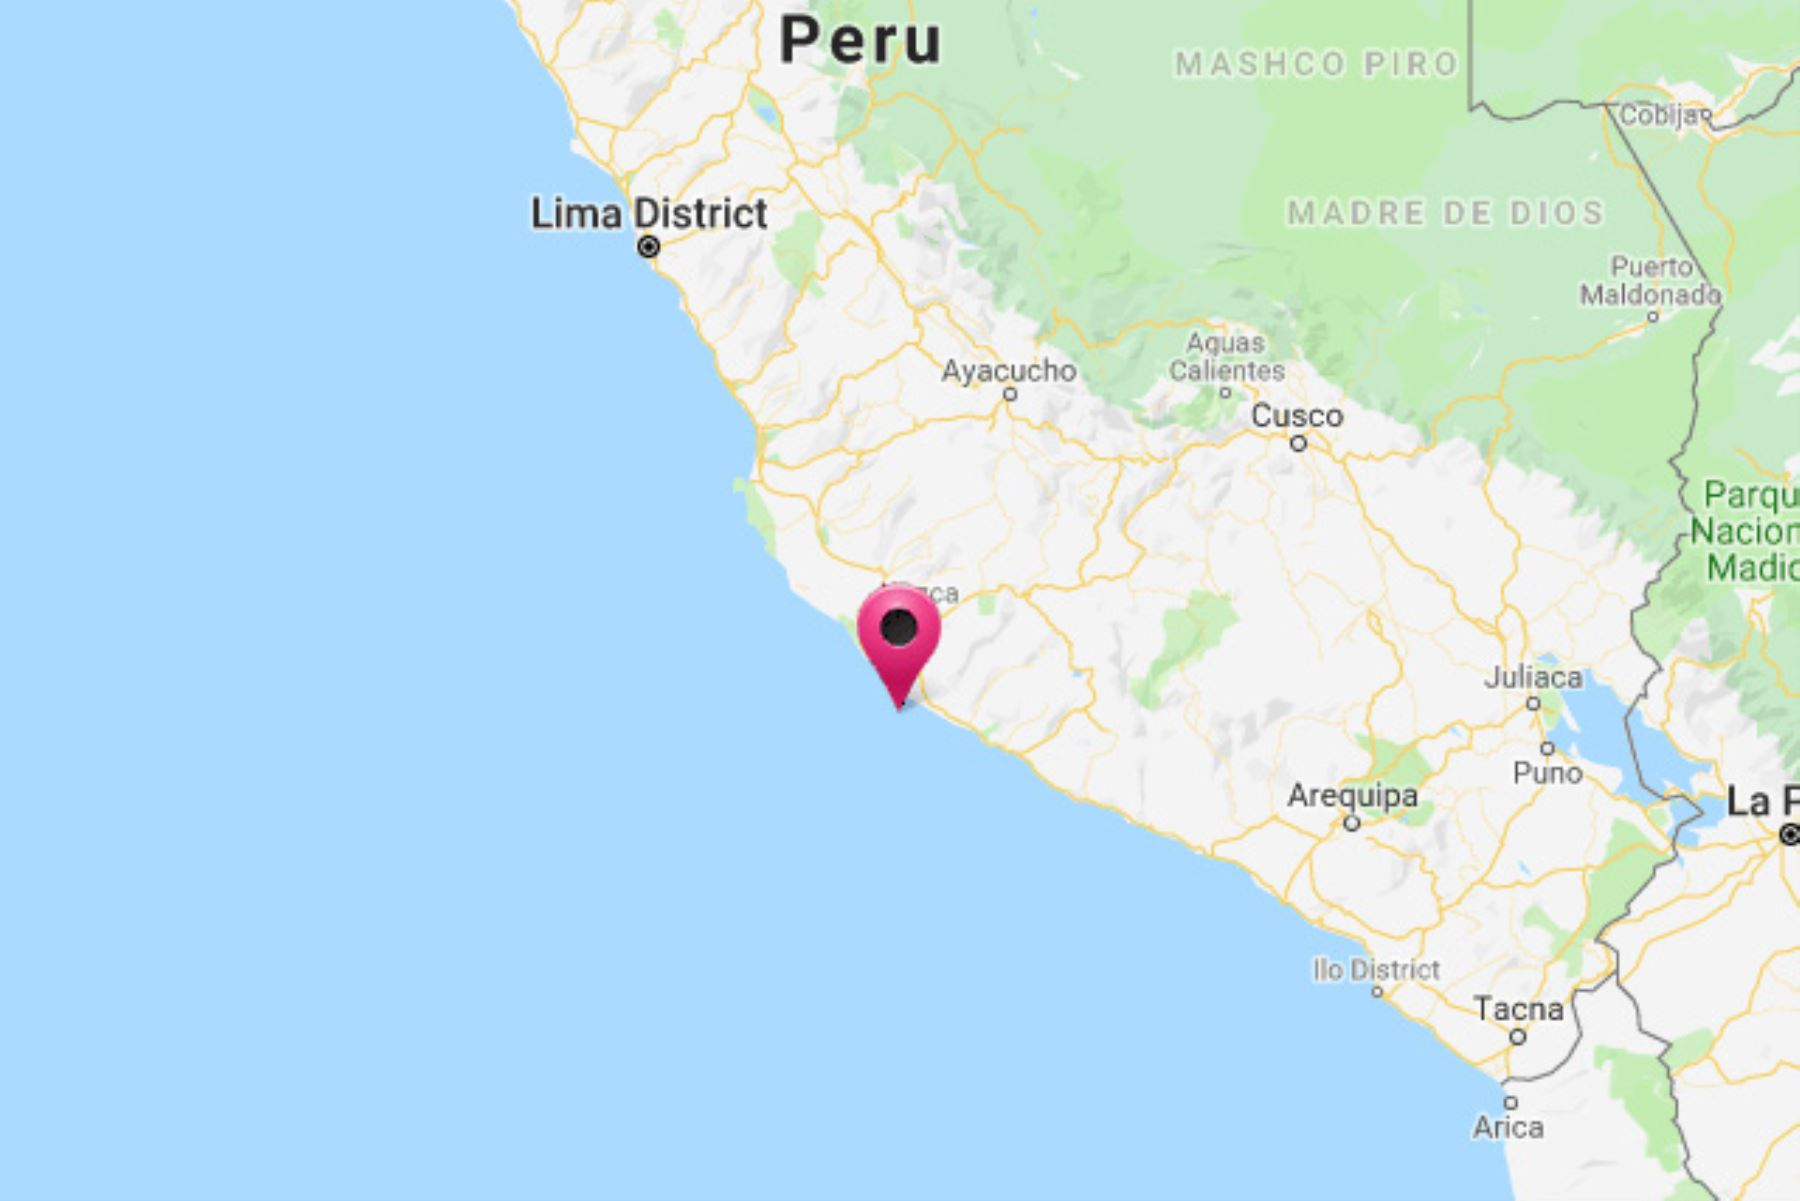 Las autoridades de Defensa Civil no han reportado, hasta el momento, daños personales ni materiales por el sismo de magnitud 4.5 en Arequipa.